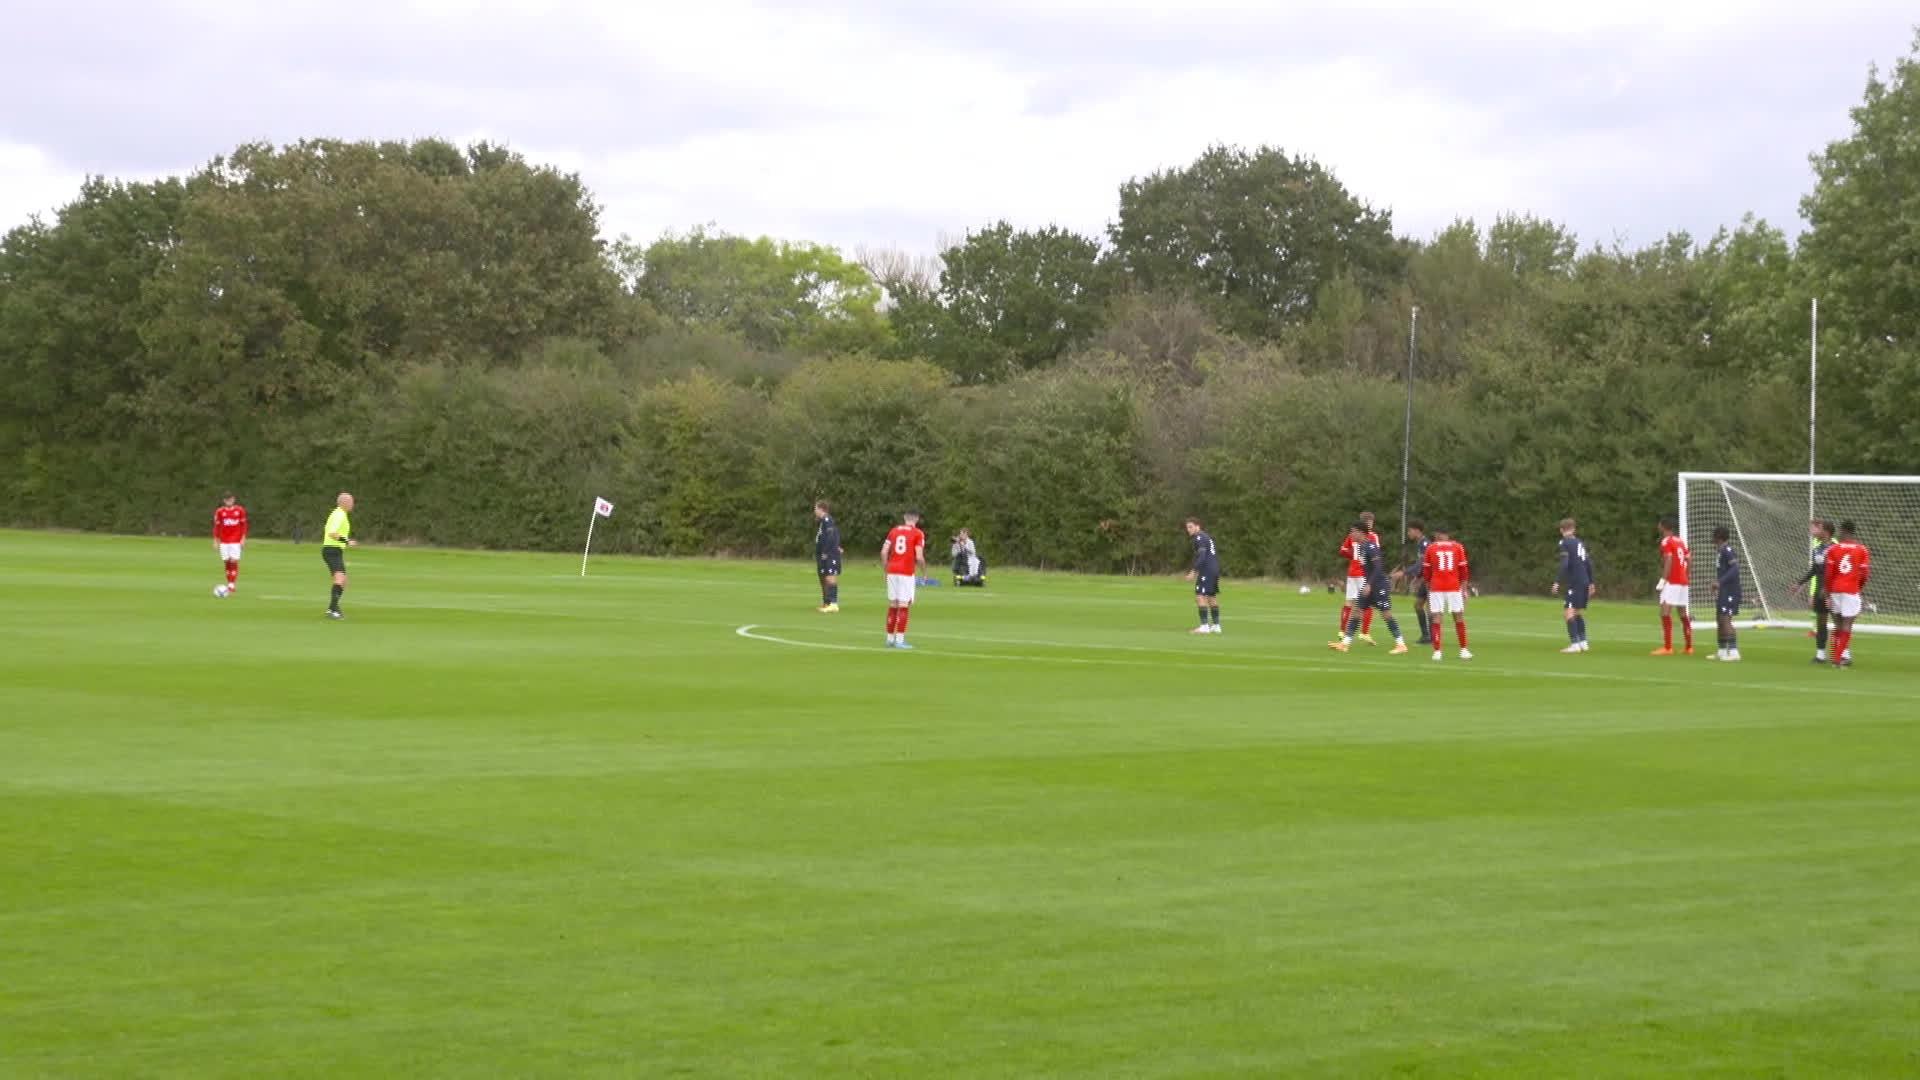 U23 HIGHLIGHTS   Charlton 2 Millwall 1 (October 2021)